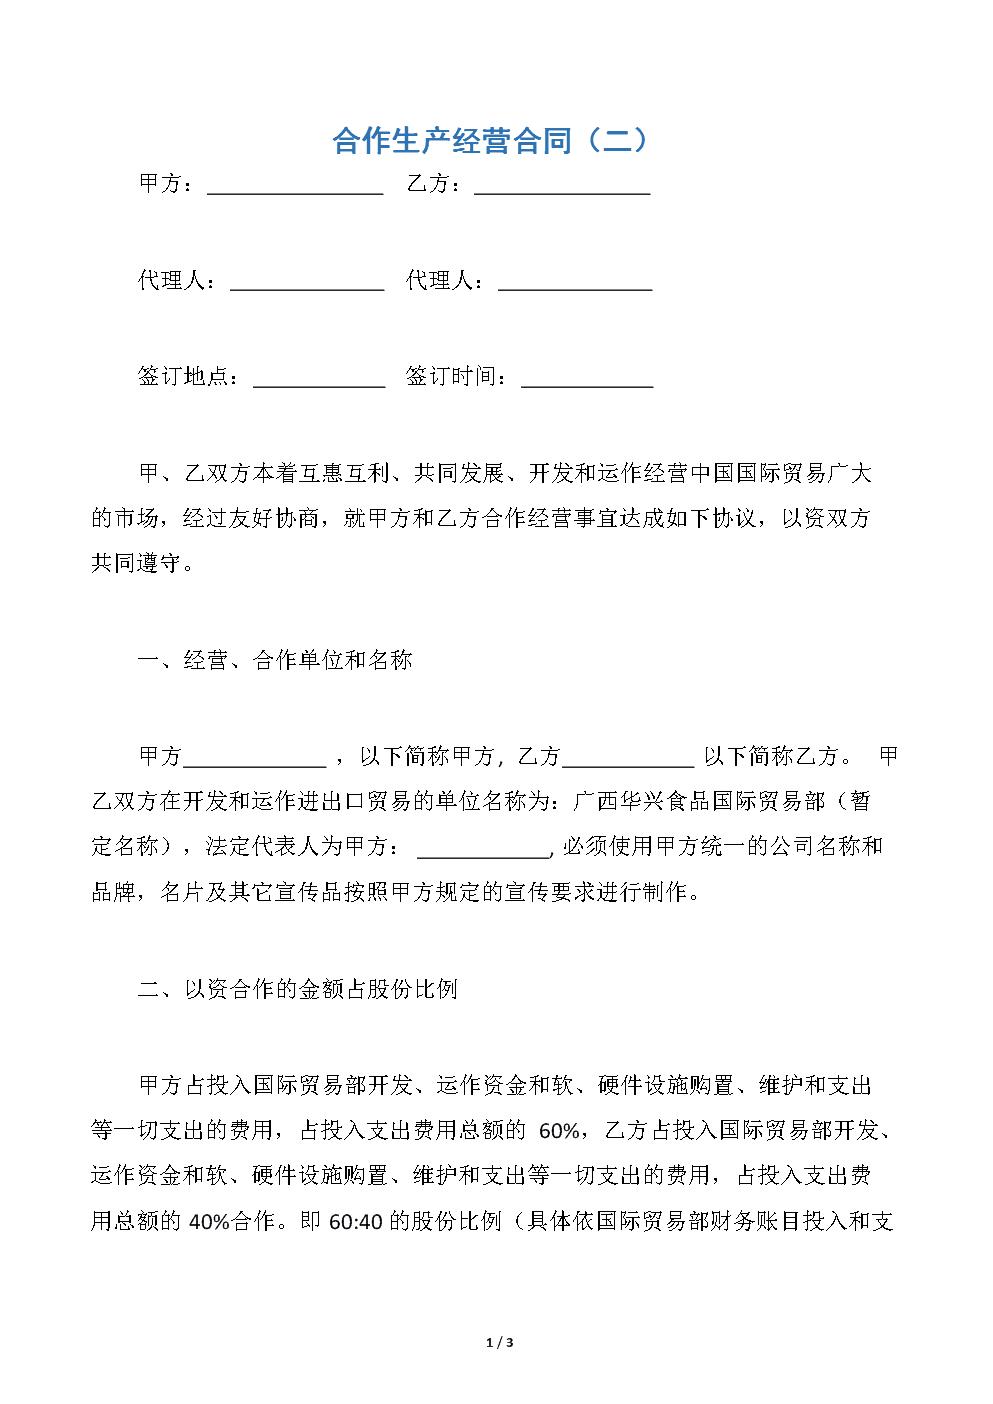 合作生产经营合同(二).docx